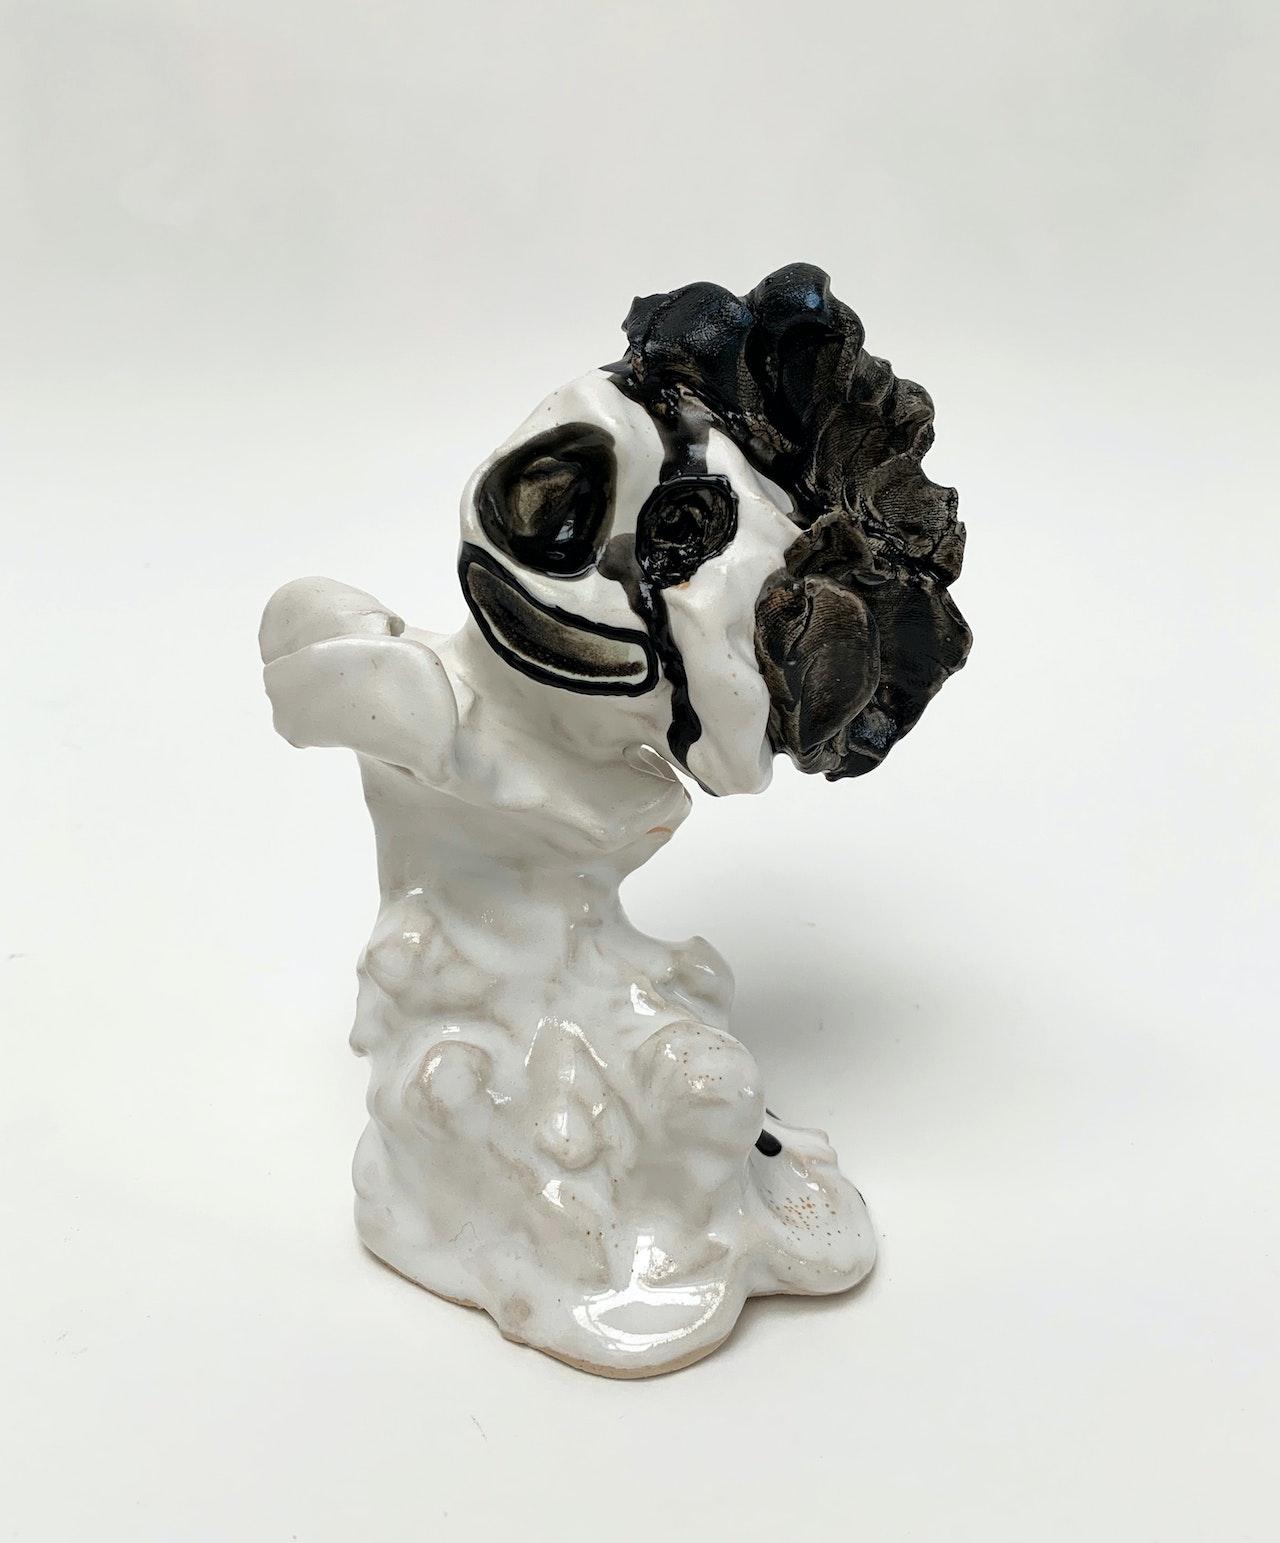 Clown-Thing-2019-Ceramic-(Draycott)-14cm-height